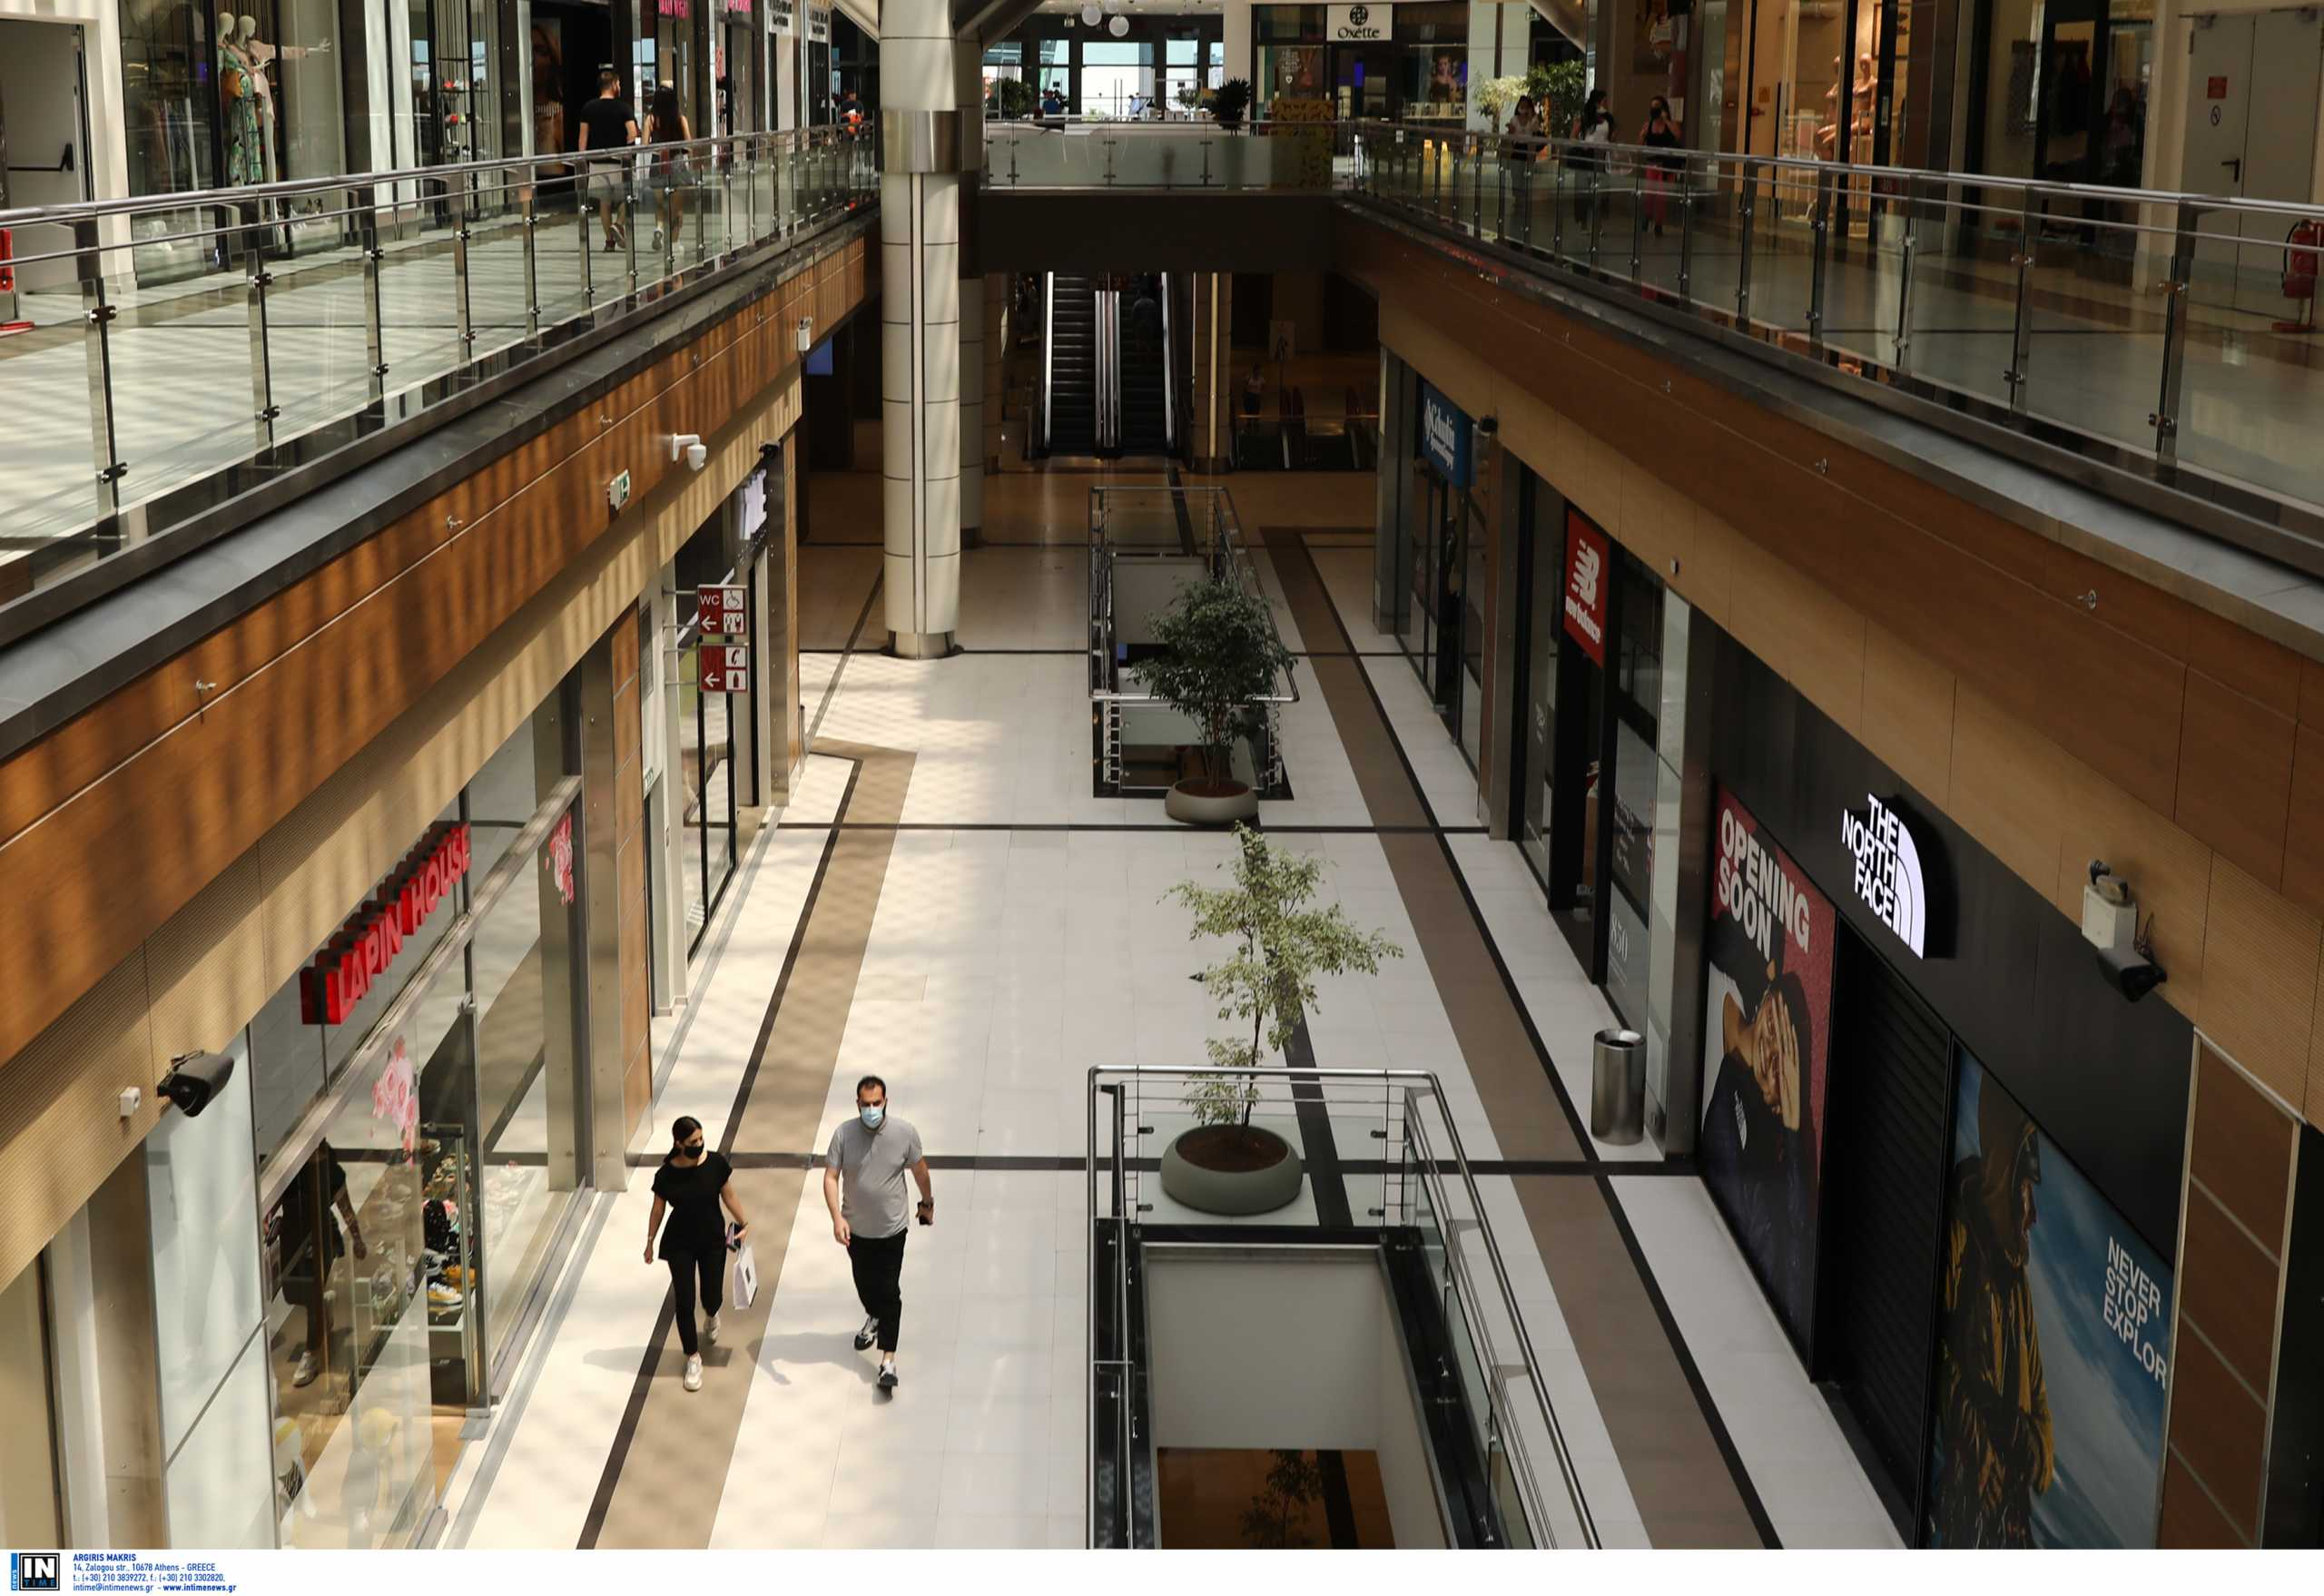 Λιανεμπόριο: «Κλειστές» παραμένουν Πάτρα και Θεσσαλονίκη – Πως θα ανοίξουν mall και outlet στις «κόκκινες» περιοχές